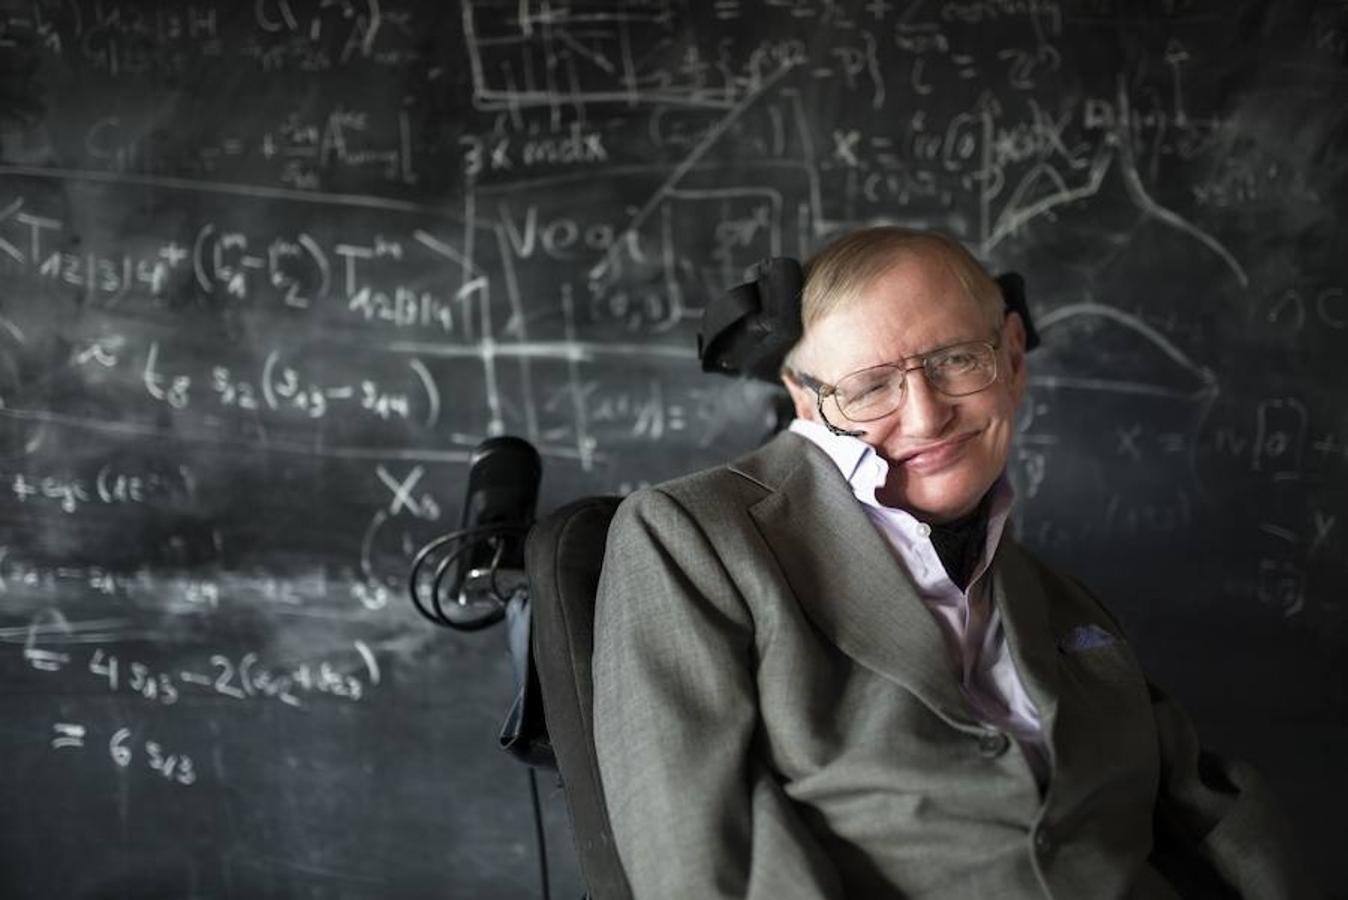 Muere Stephen Hawking, el genio que nos mostró el Universo, a los 76 años en su residencia de Cambridge